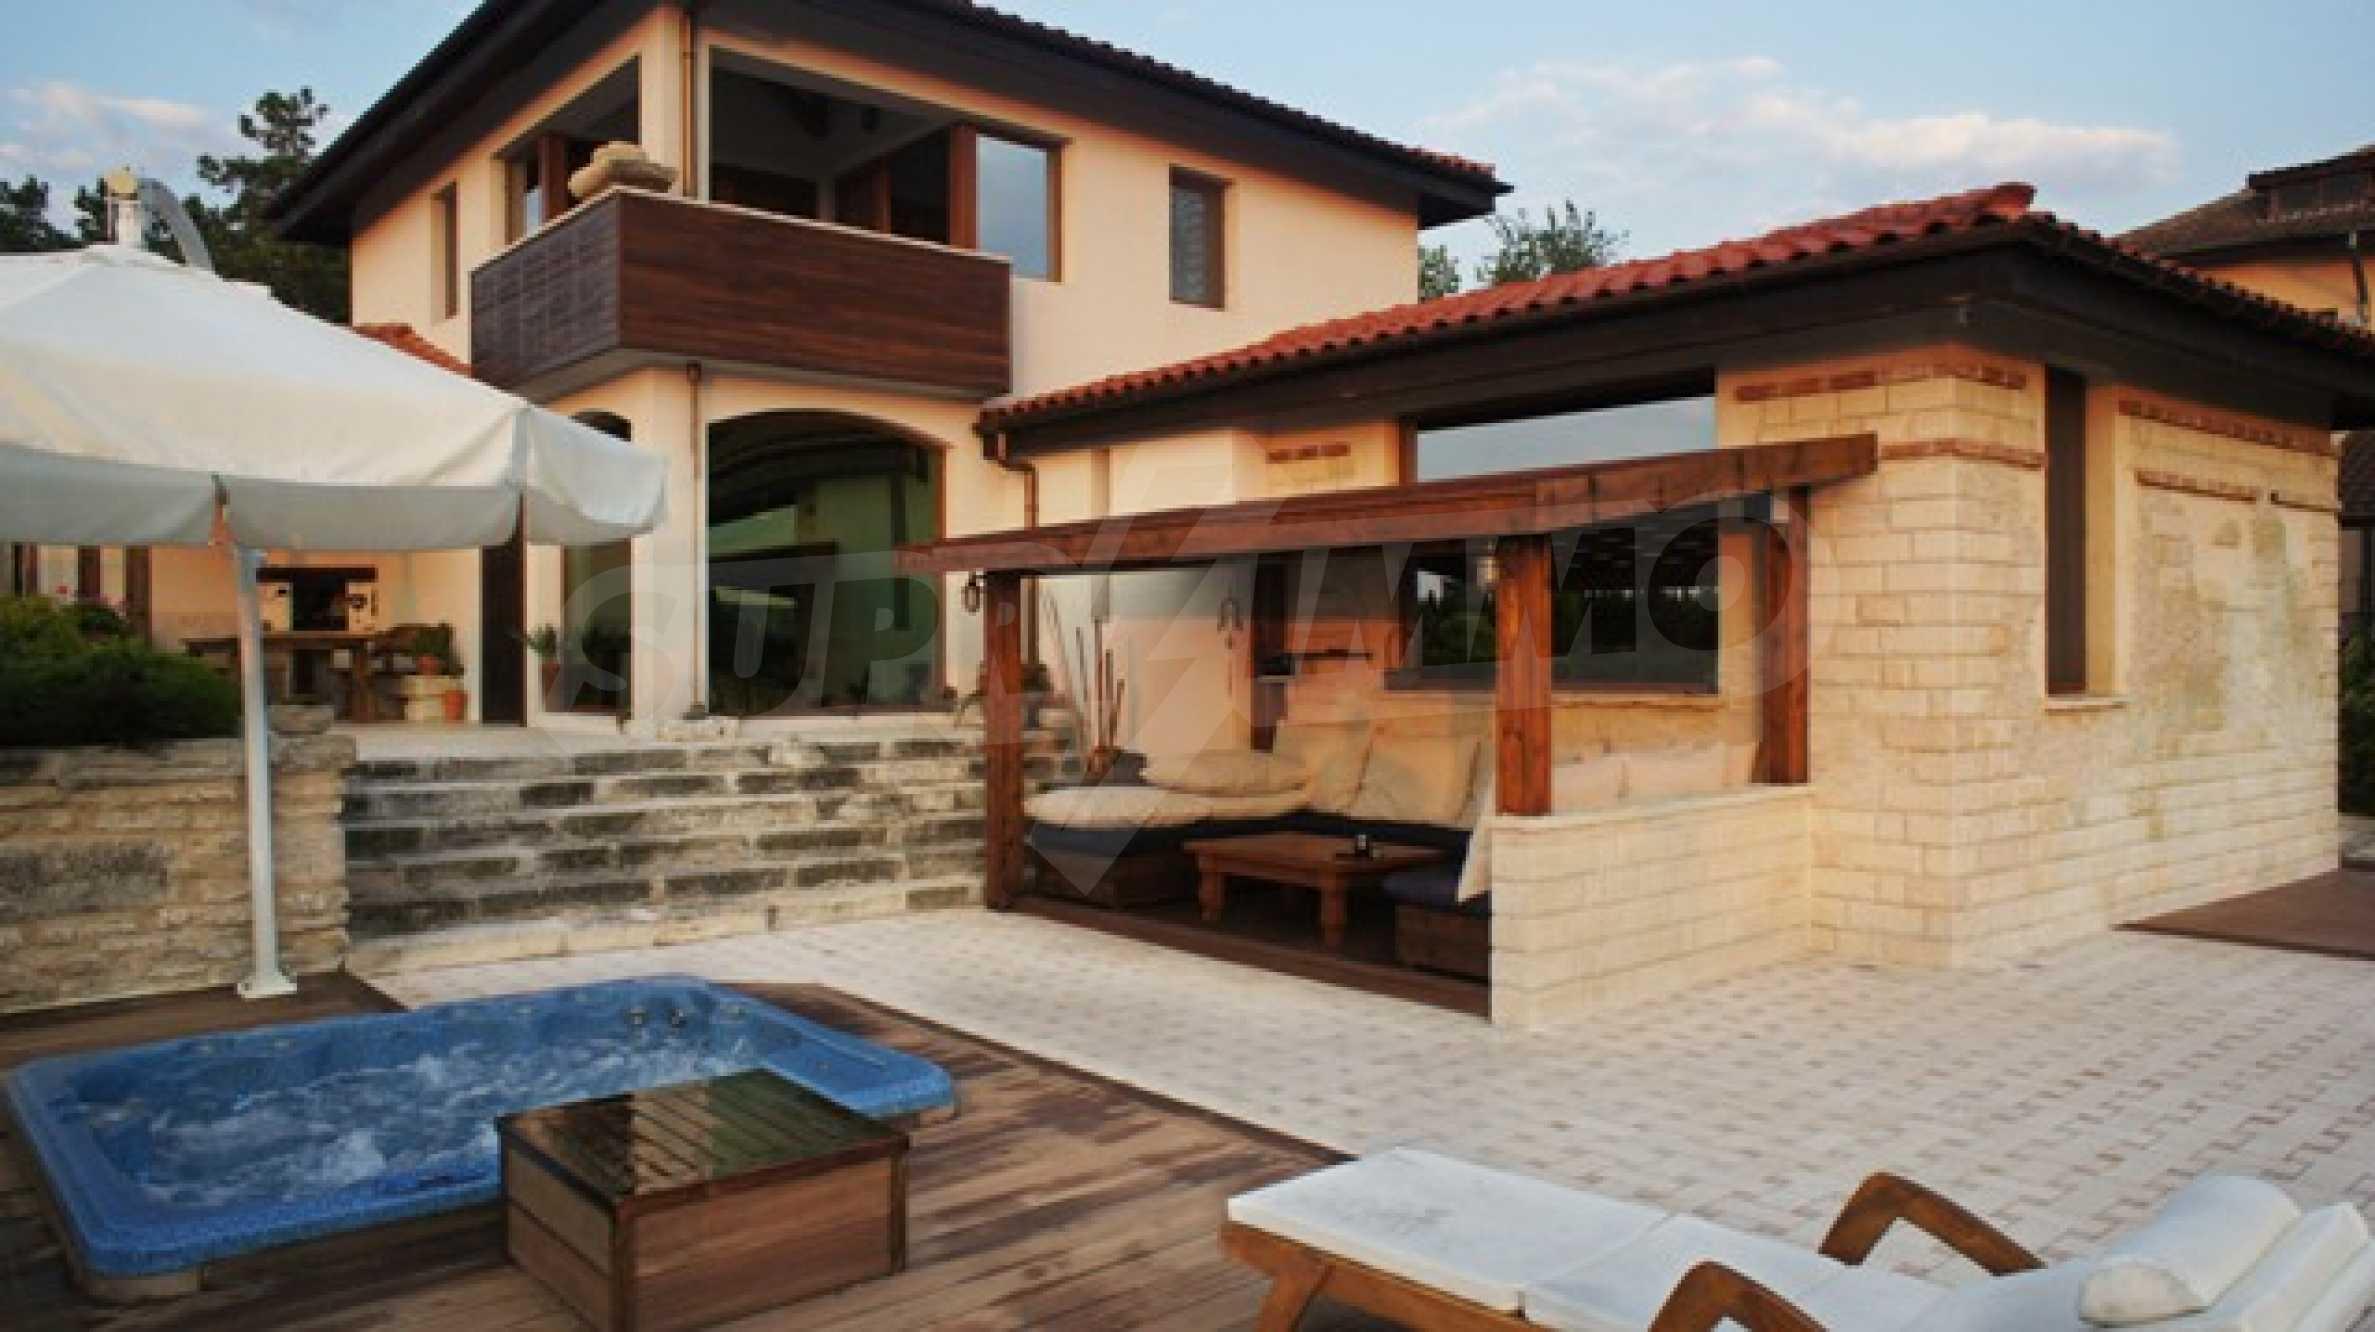 Mediterraner Stil - Luxus zum Sonderpreis 7